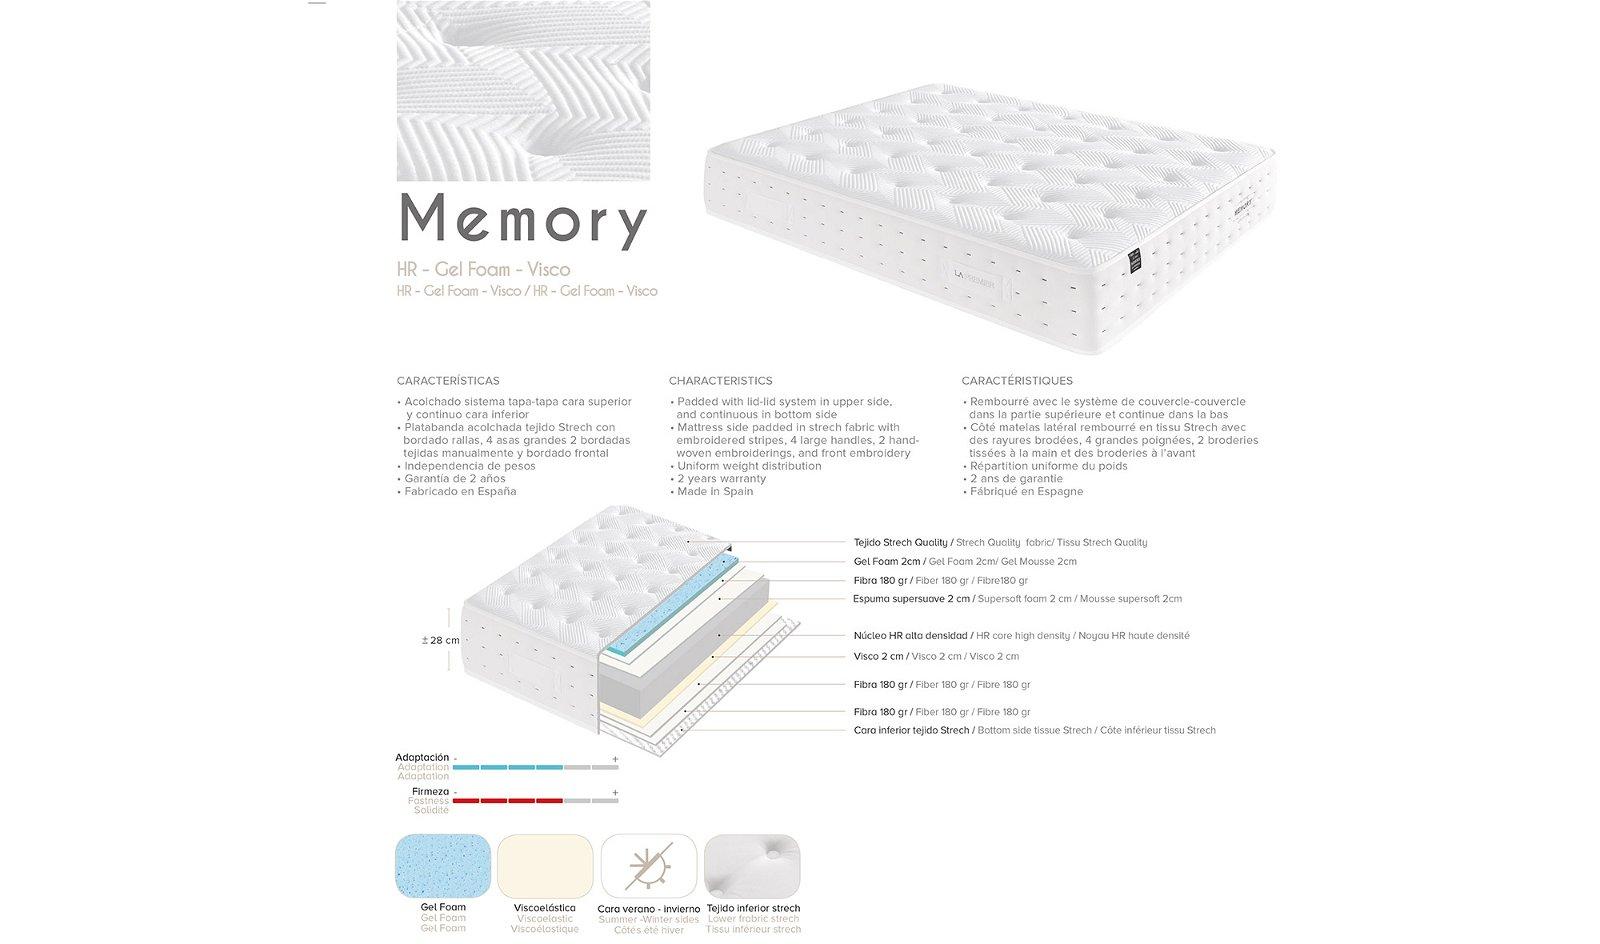 Colchón gel foam Memory